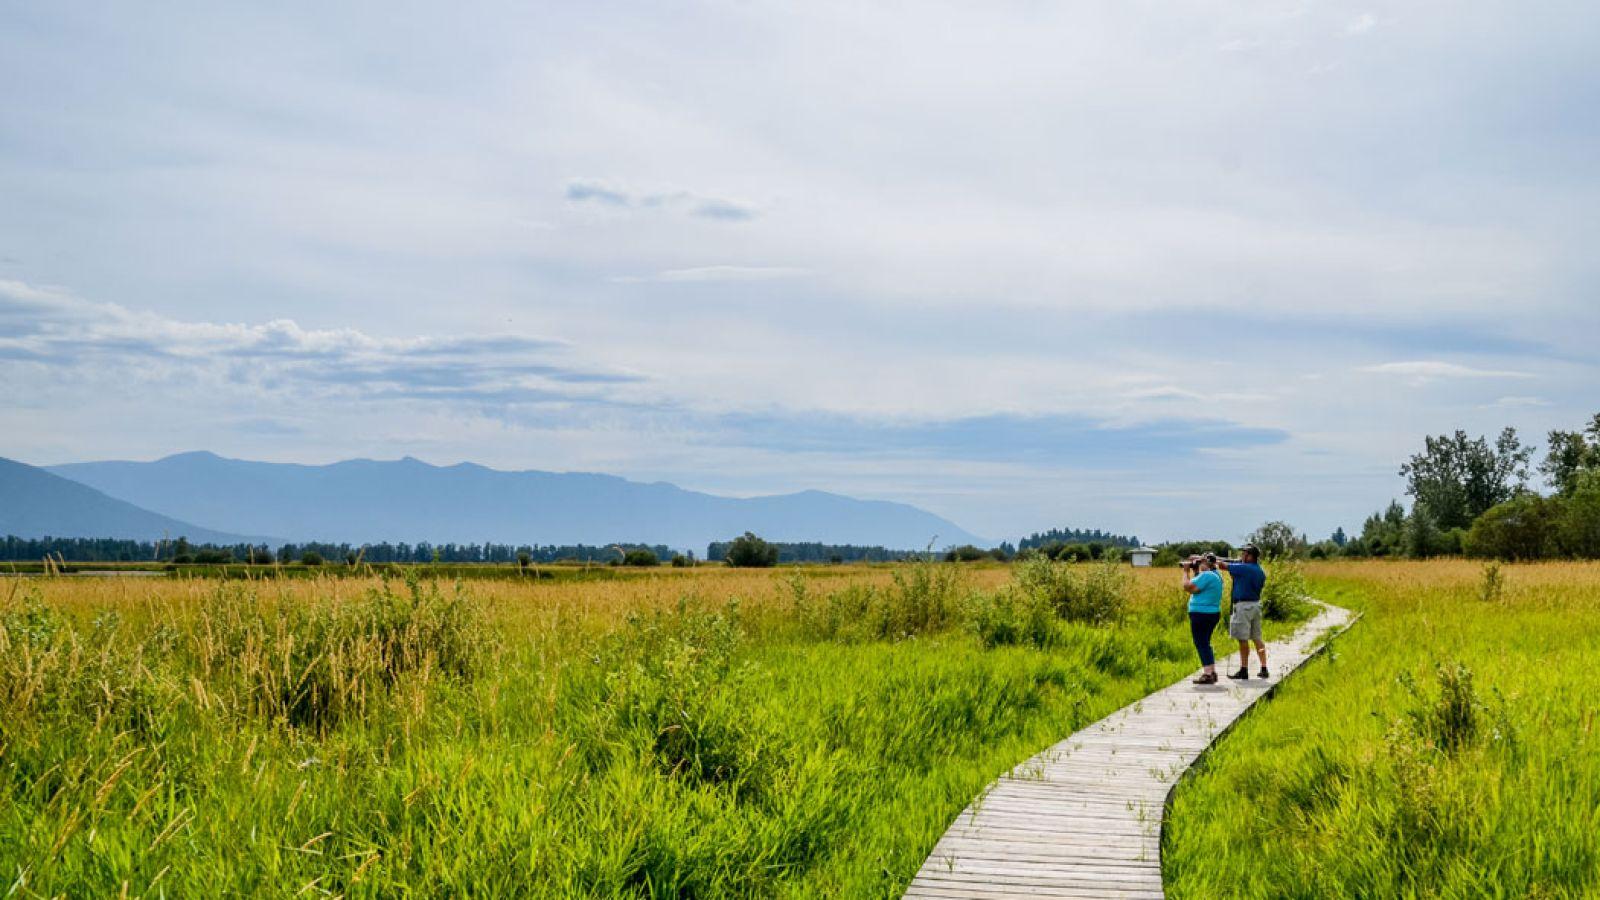 Boardwalk at the Creston Valley Wildlife Centre.